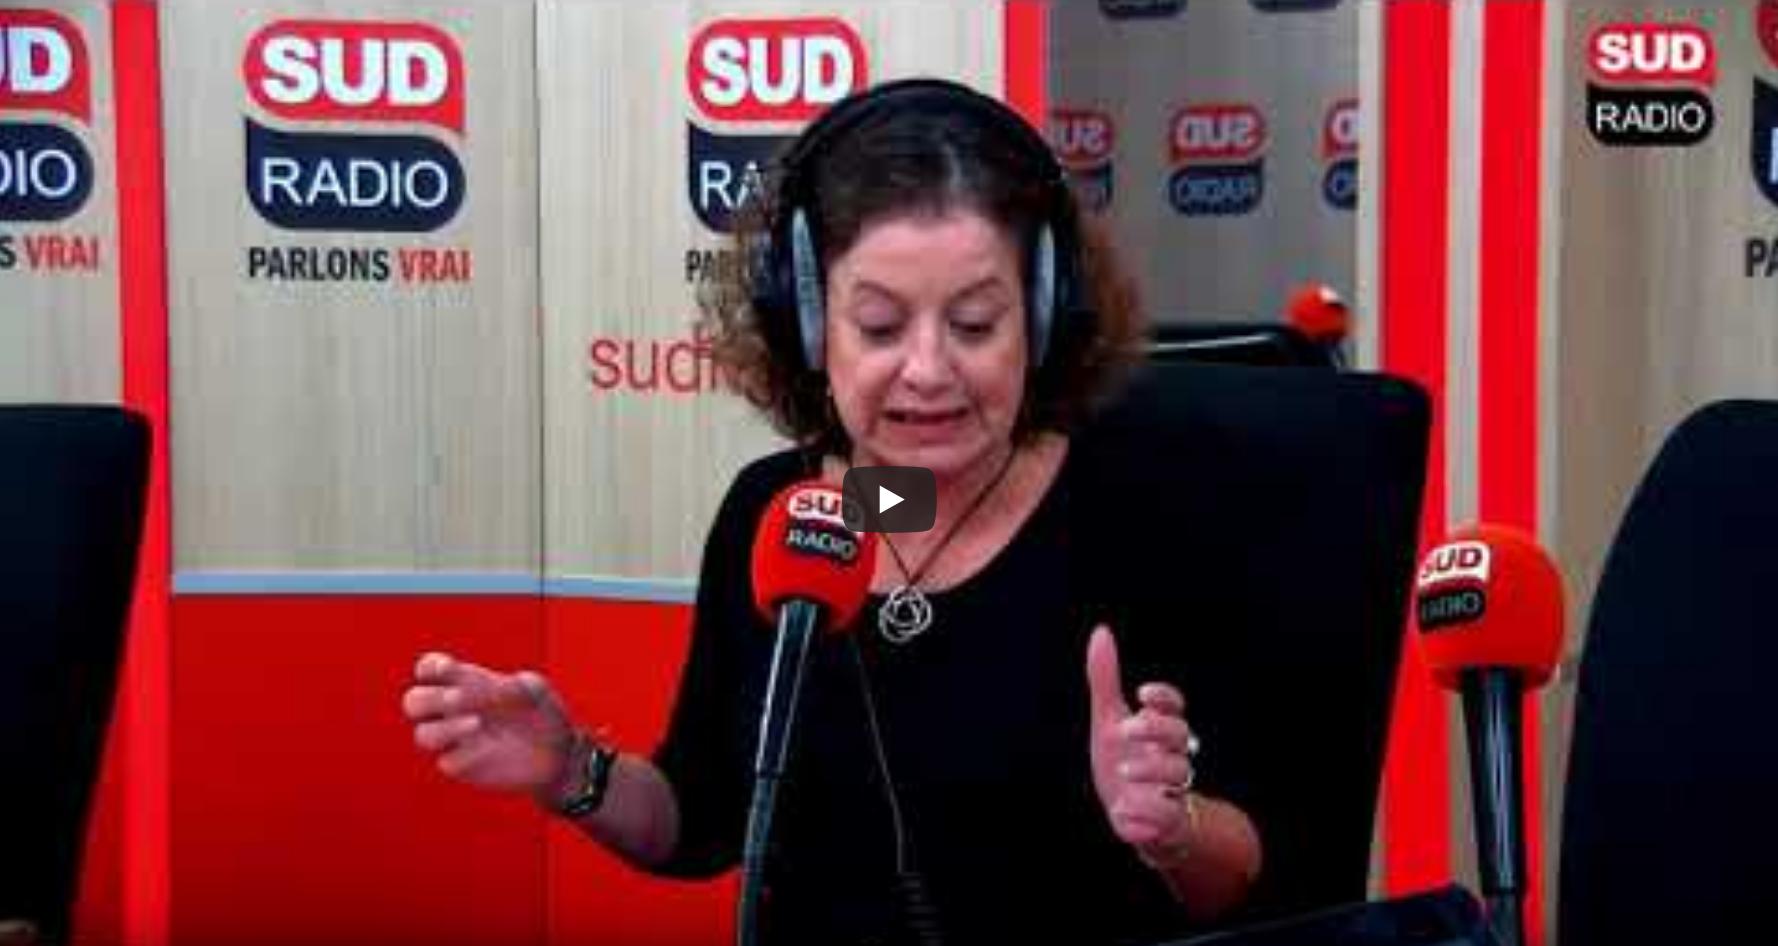 """Élisabeth Lévy : """"Il y a une propagande frénétique qui nous explique que l'immigration est un fantasme !"""" (VIDÉO)"""